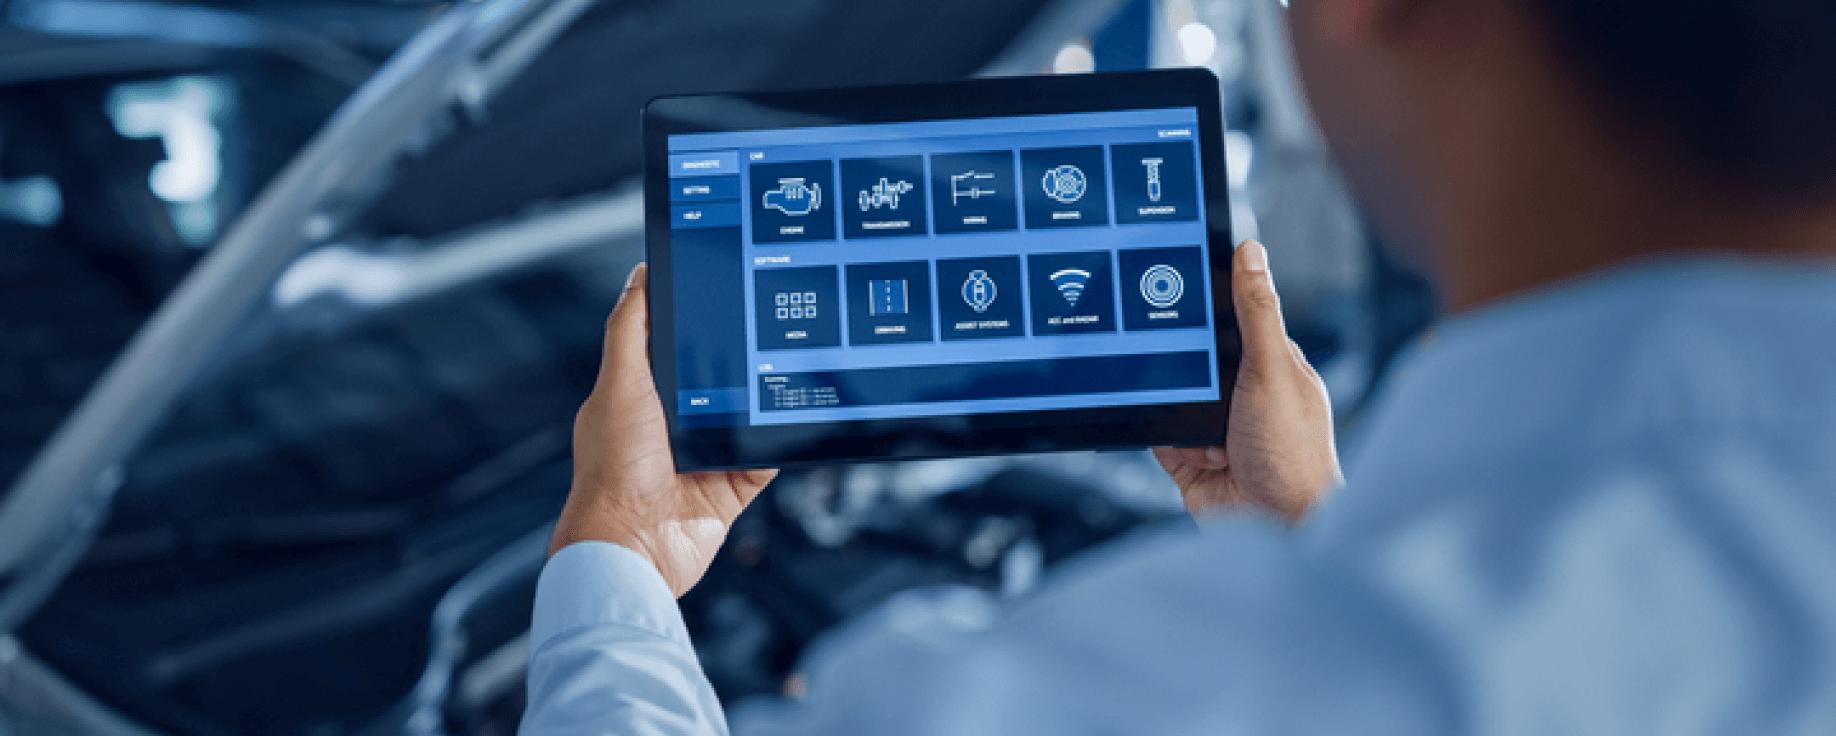 Automotive Software Development Services 22